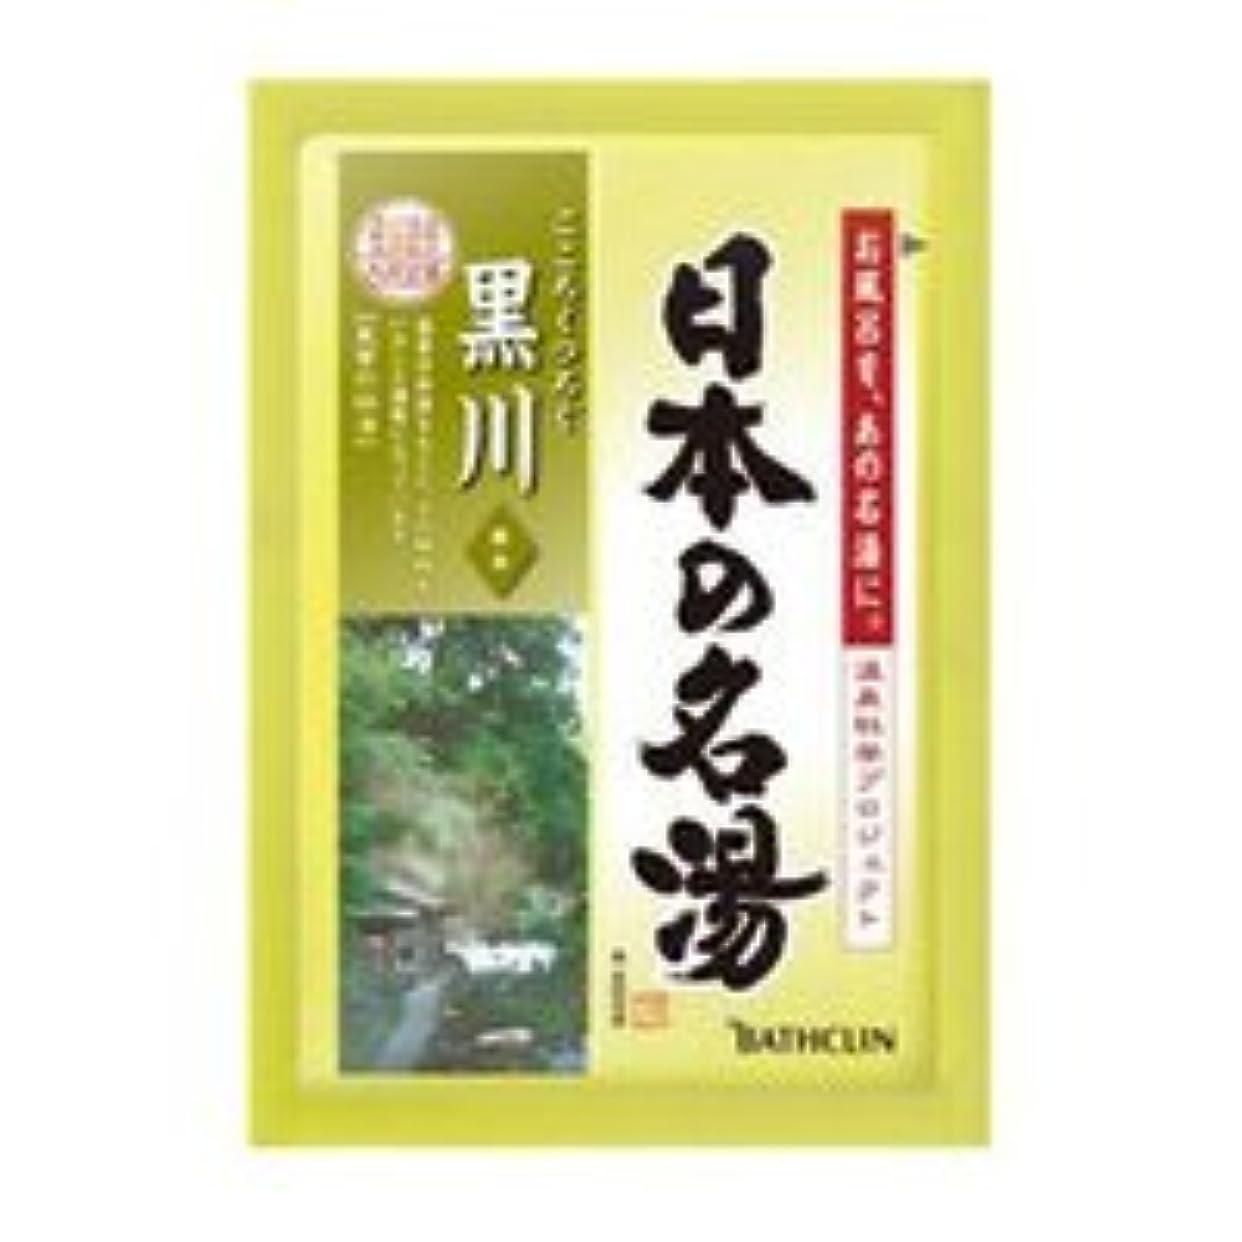 敵パーティション振り子バスクリン 日本の名湯 黒川 1包 30g (温泉タイプ入浴剤)×120点セット (4548514135093)